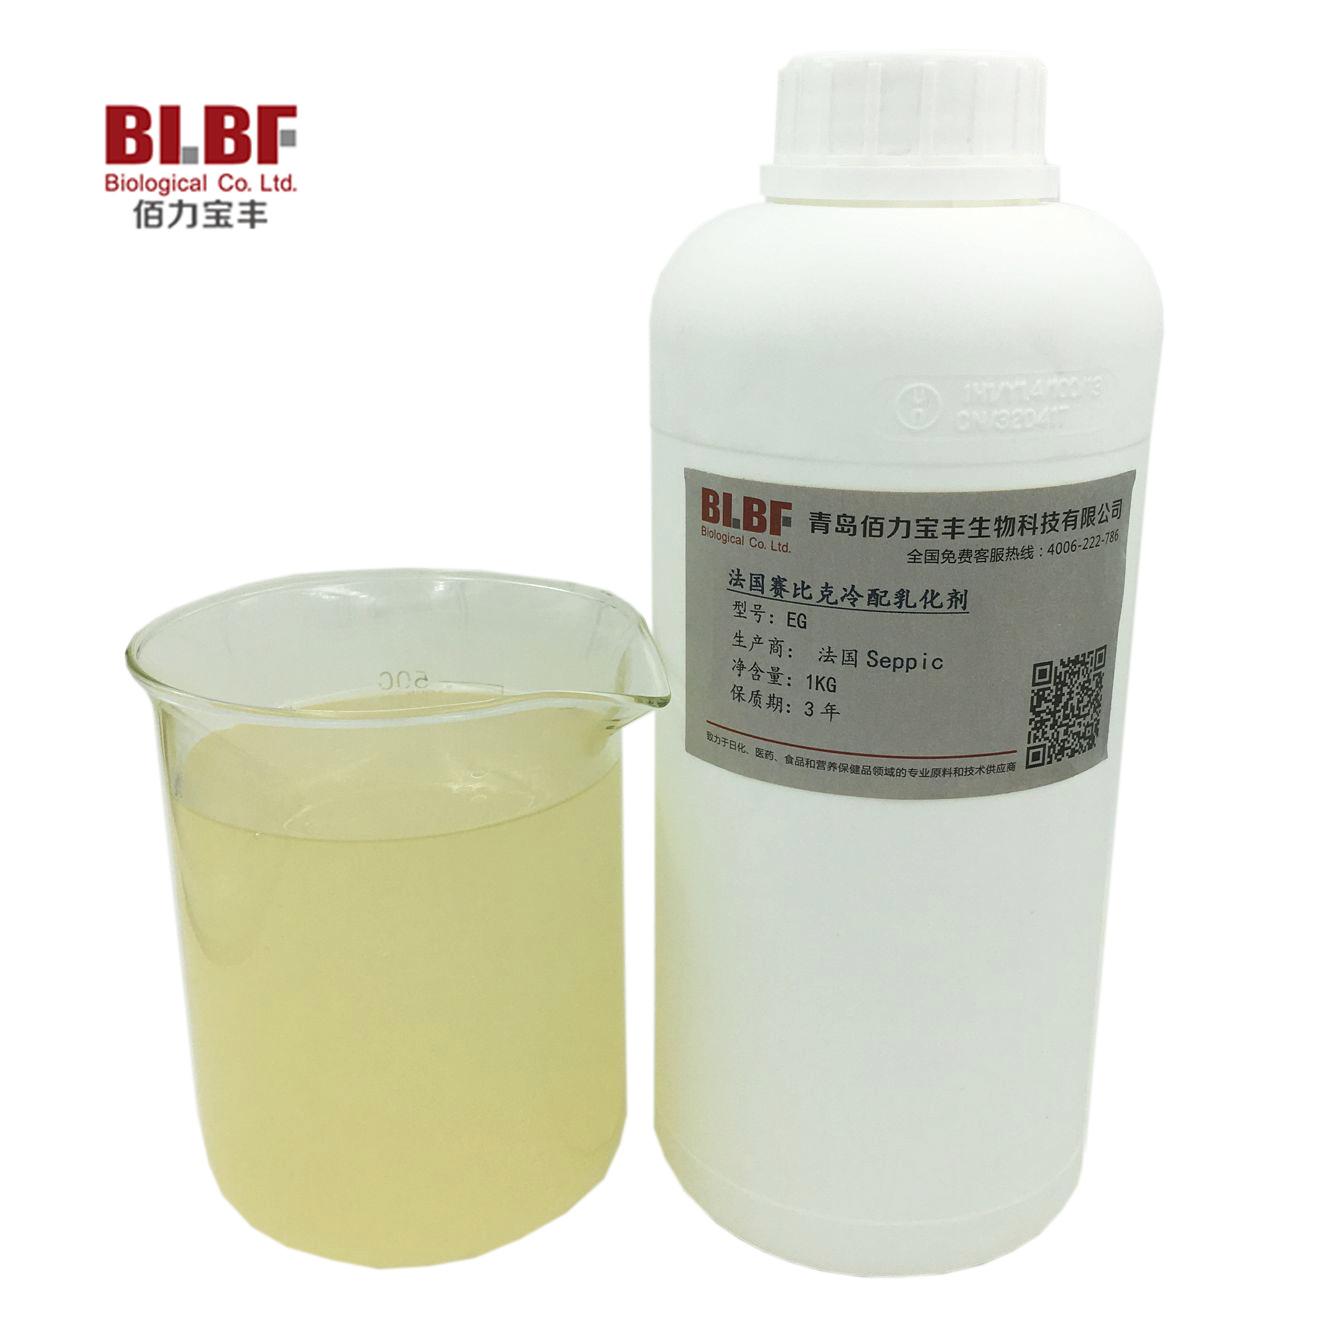 Nguyên liệu sản xuất mỹ phẩm Nguyên liệu mỹ phẩm Chất nhũ hóa đơn giản / lạnh kiểu Pháp Seppic Không